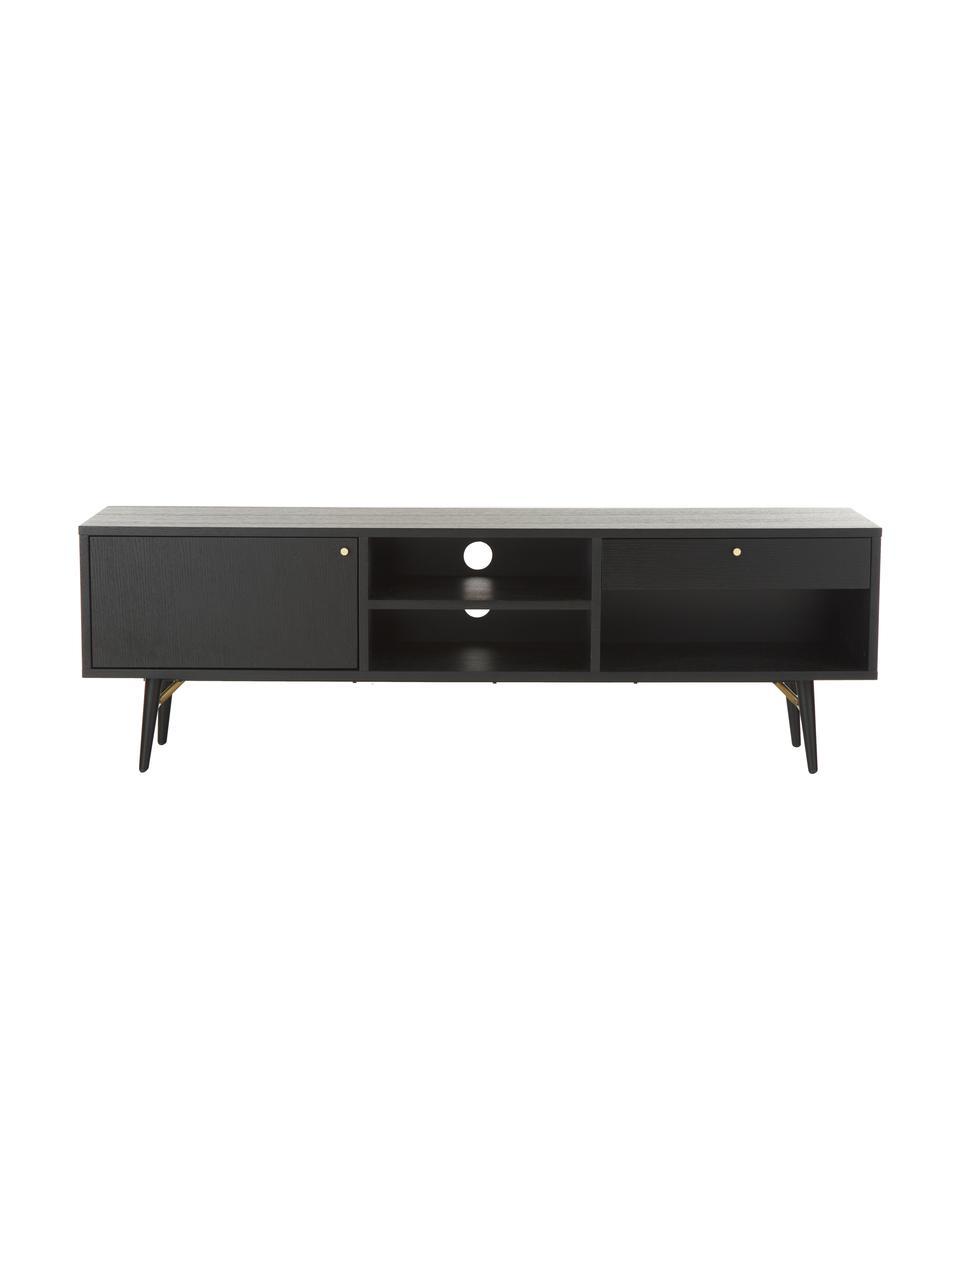 Schwarzes TV-Lowboard Verona, Korpus: Mitteldichte Holzfaserpla, Beine: Metall, pulverbeschichtet, Schwarz, 160 x 50 cm